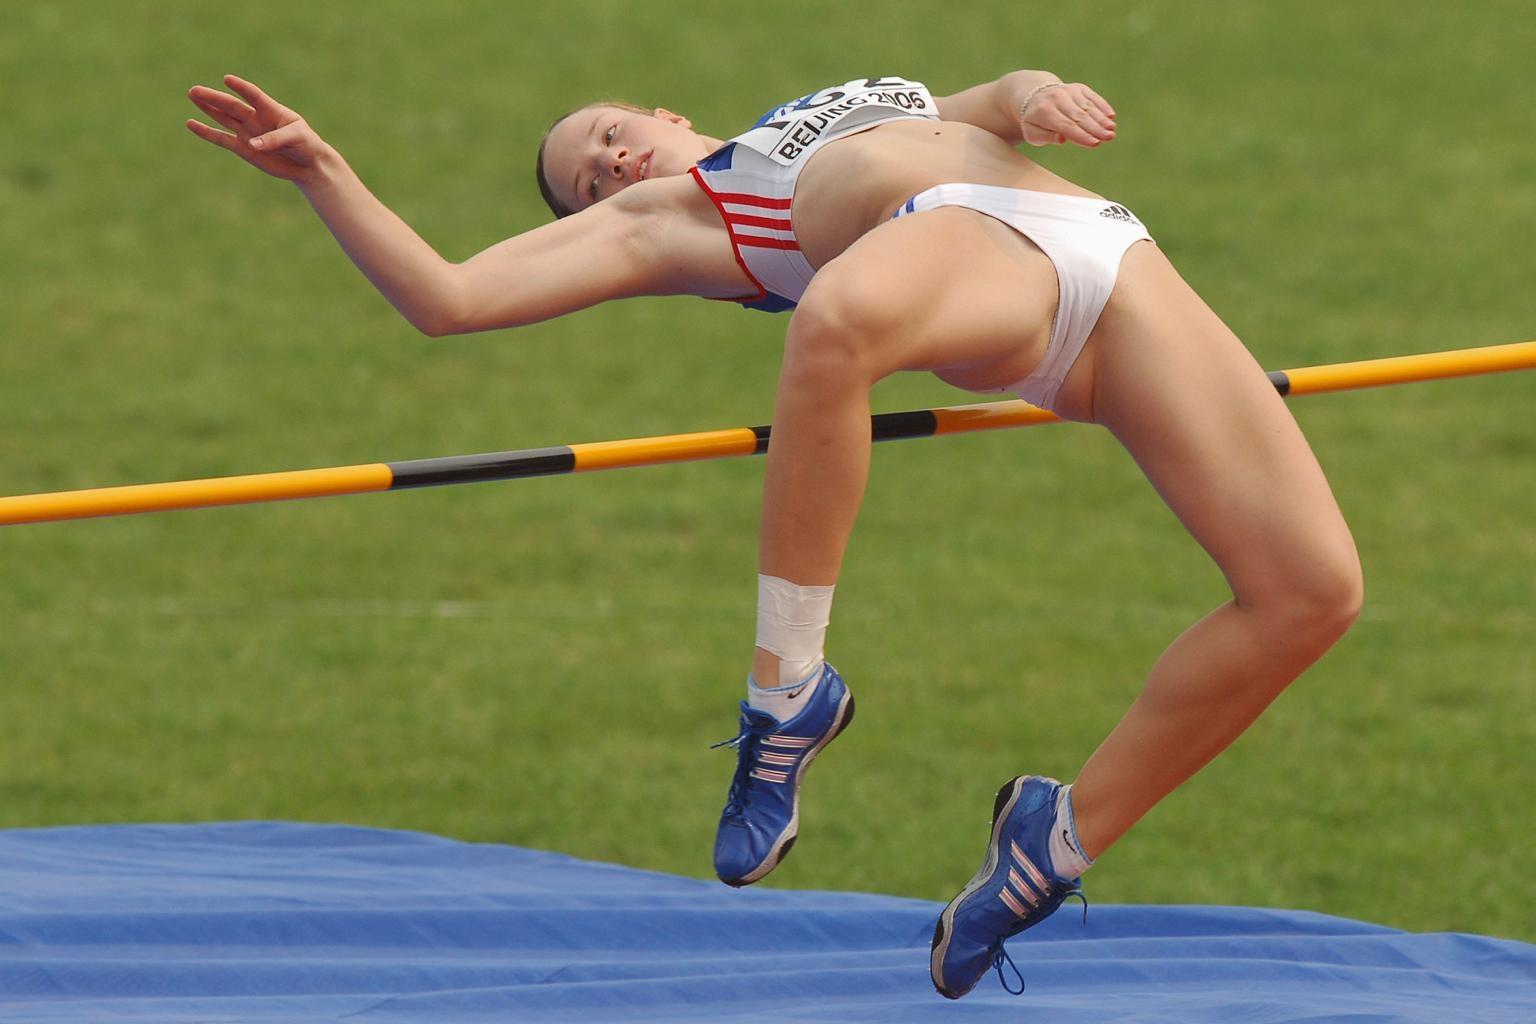 Фото спорт еротика 3 фотография